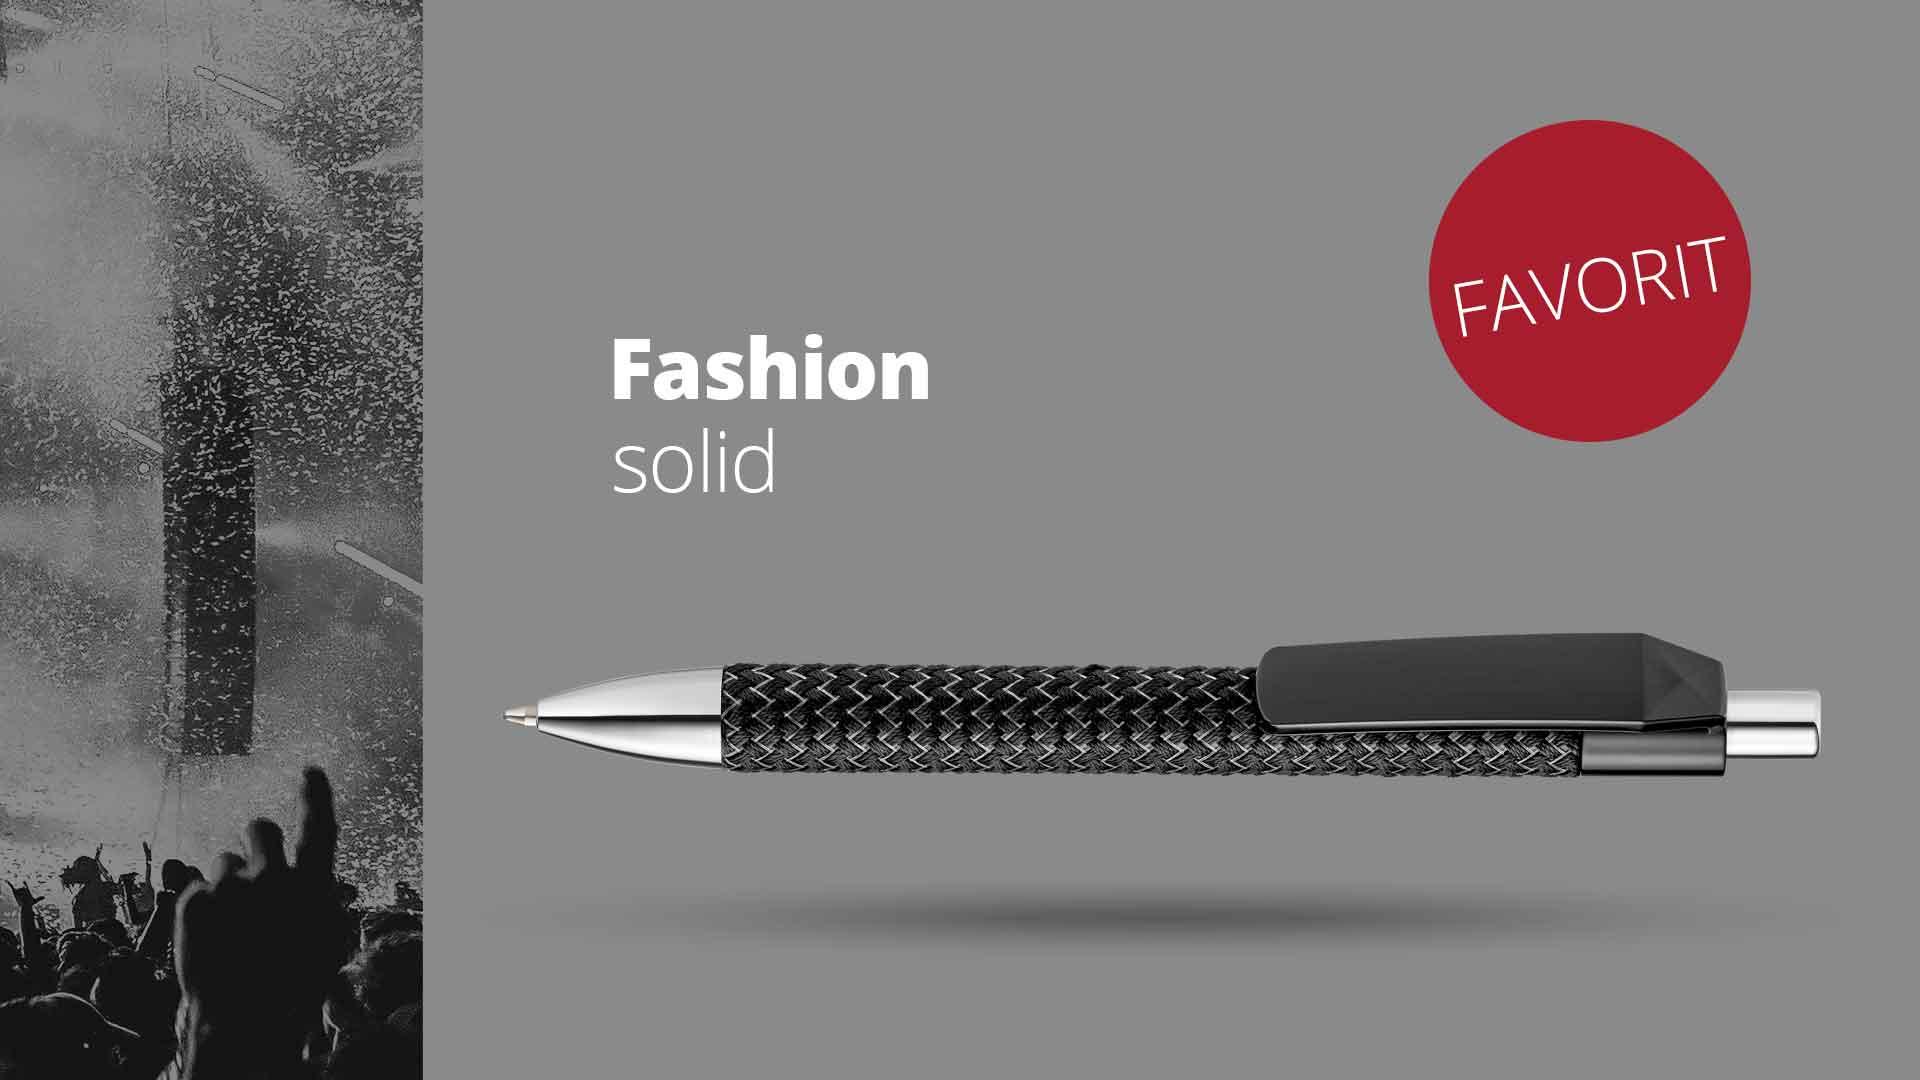 favo_01_fashion_desktop_010